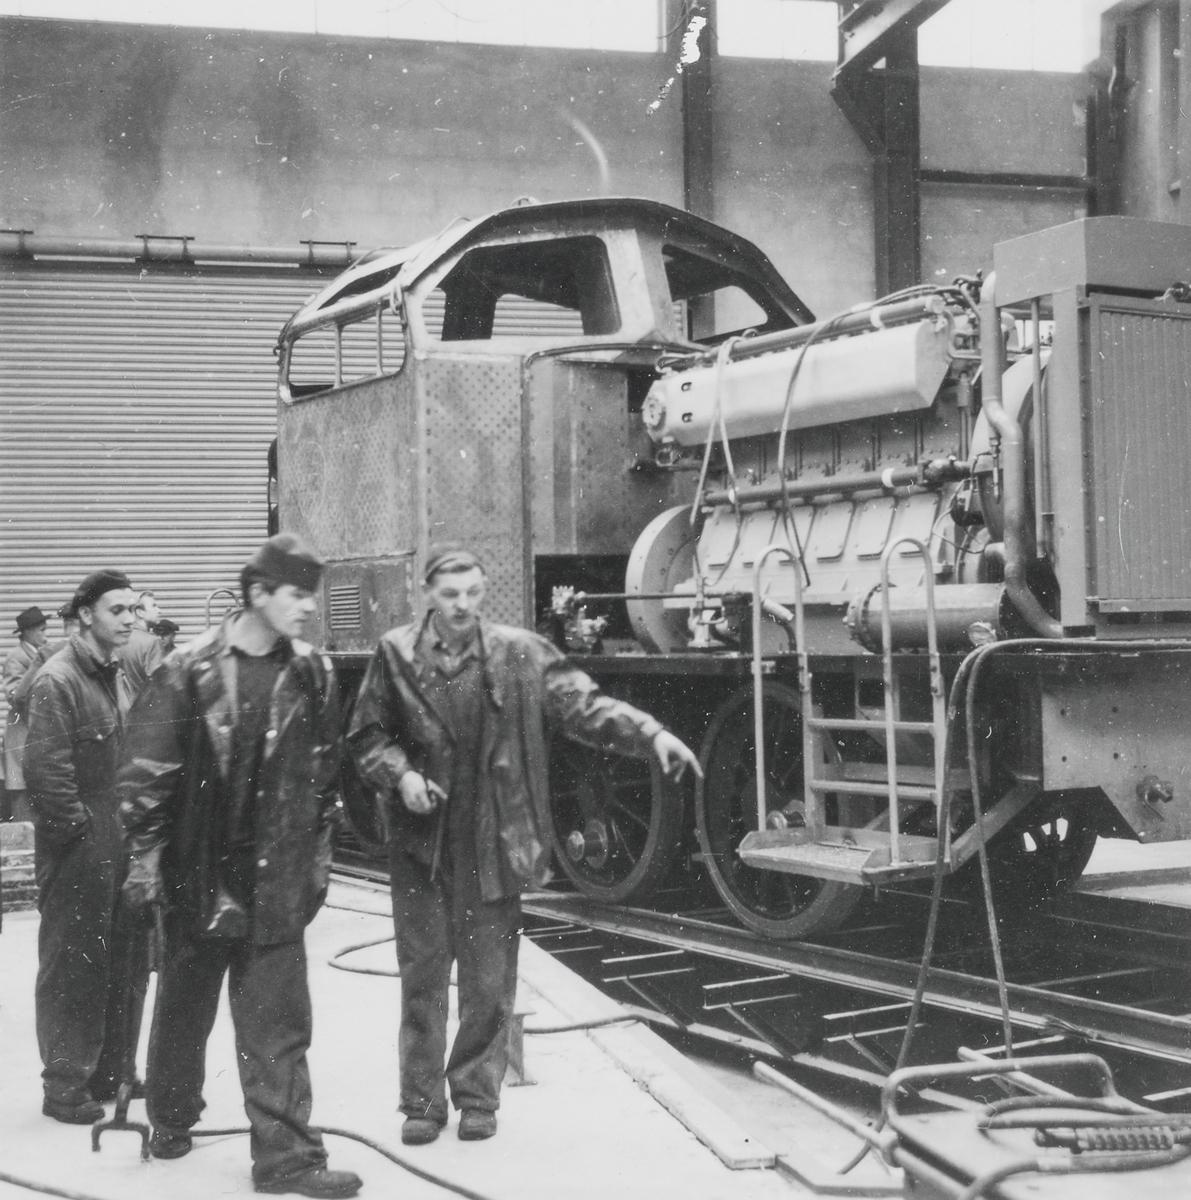 Diesellokomotiv for skiftetjeneste type Di 2 nr. 804 eller 805 under bygging på Thunes Mekaniske Verksted i Oslo.